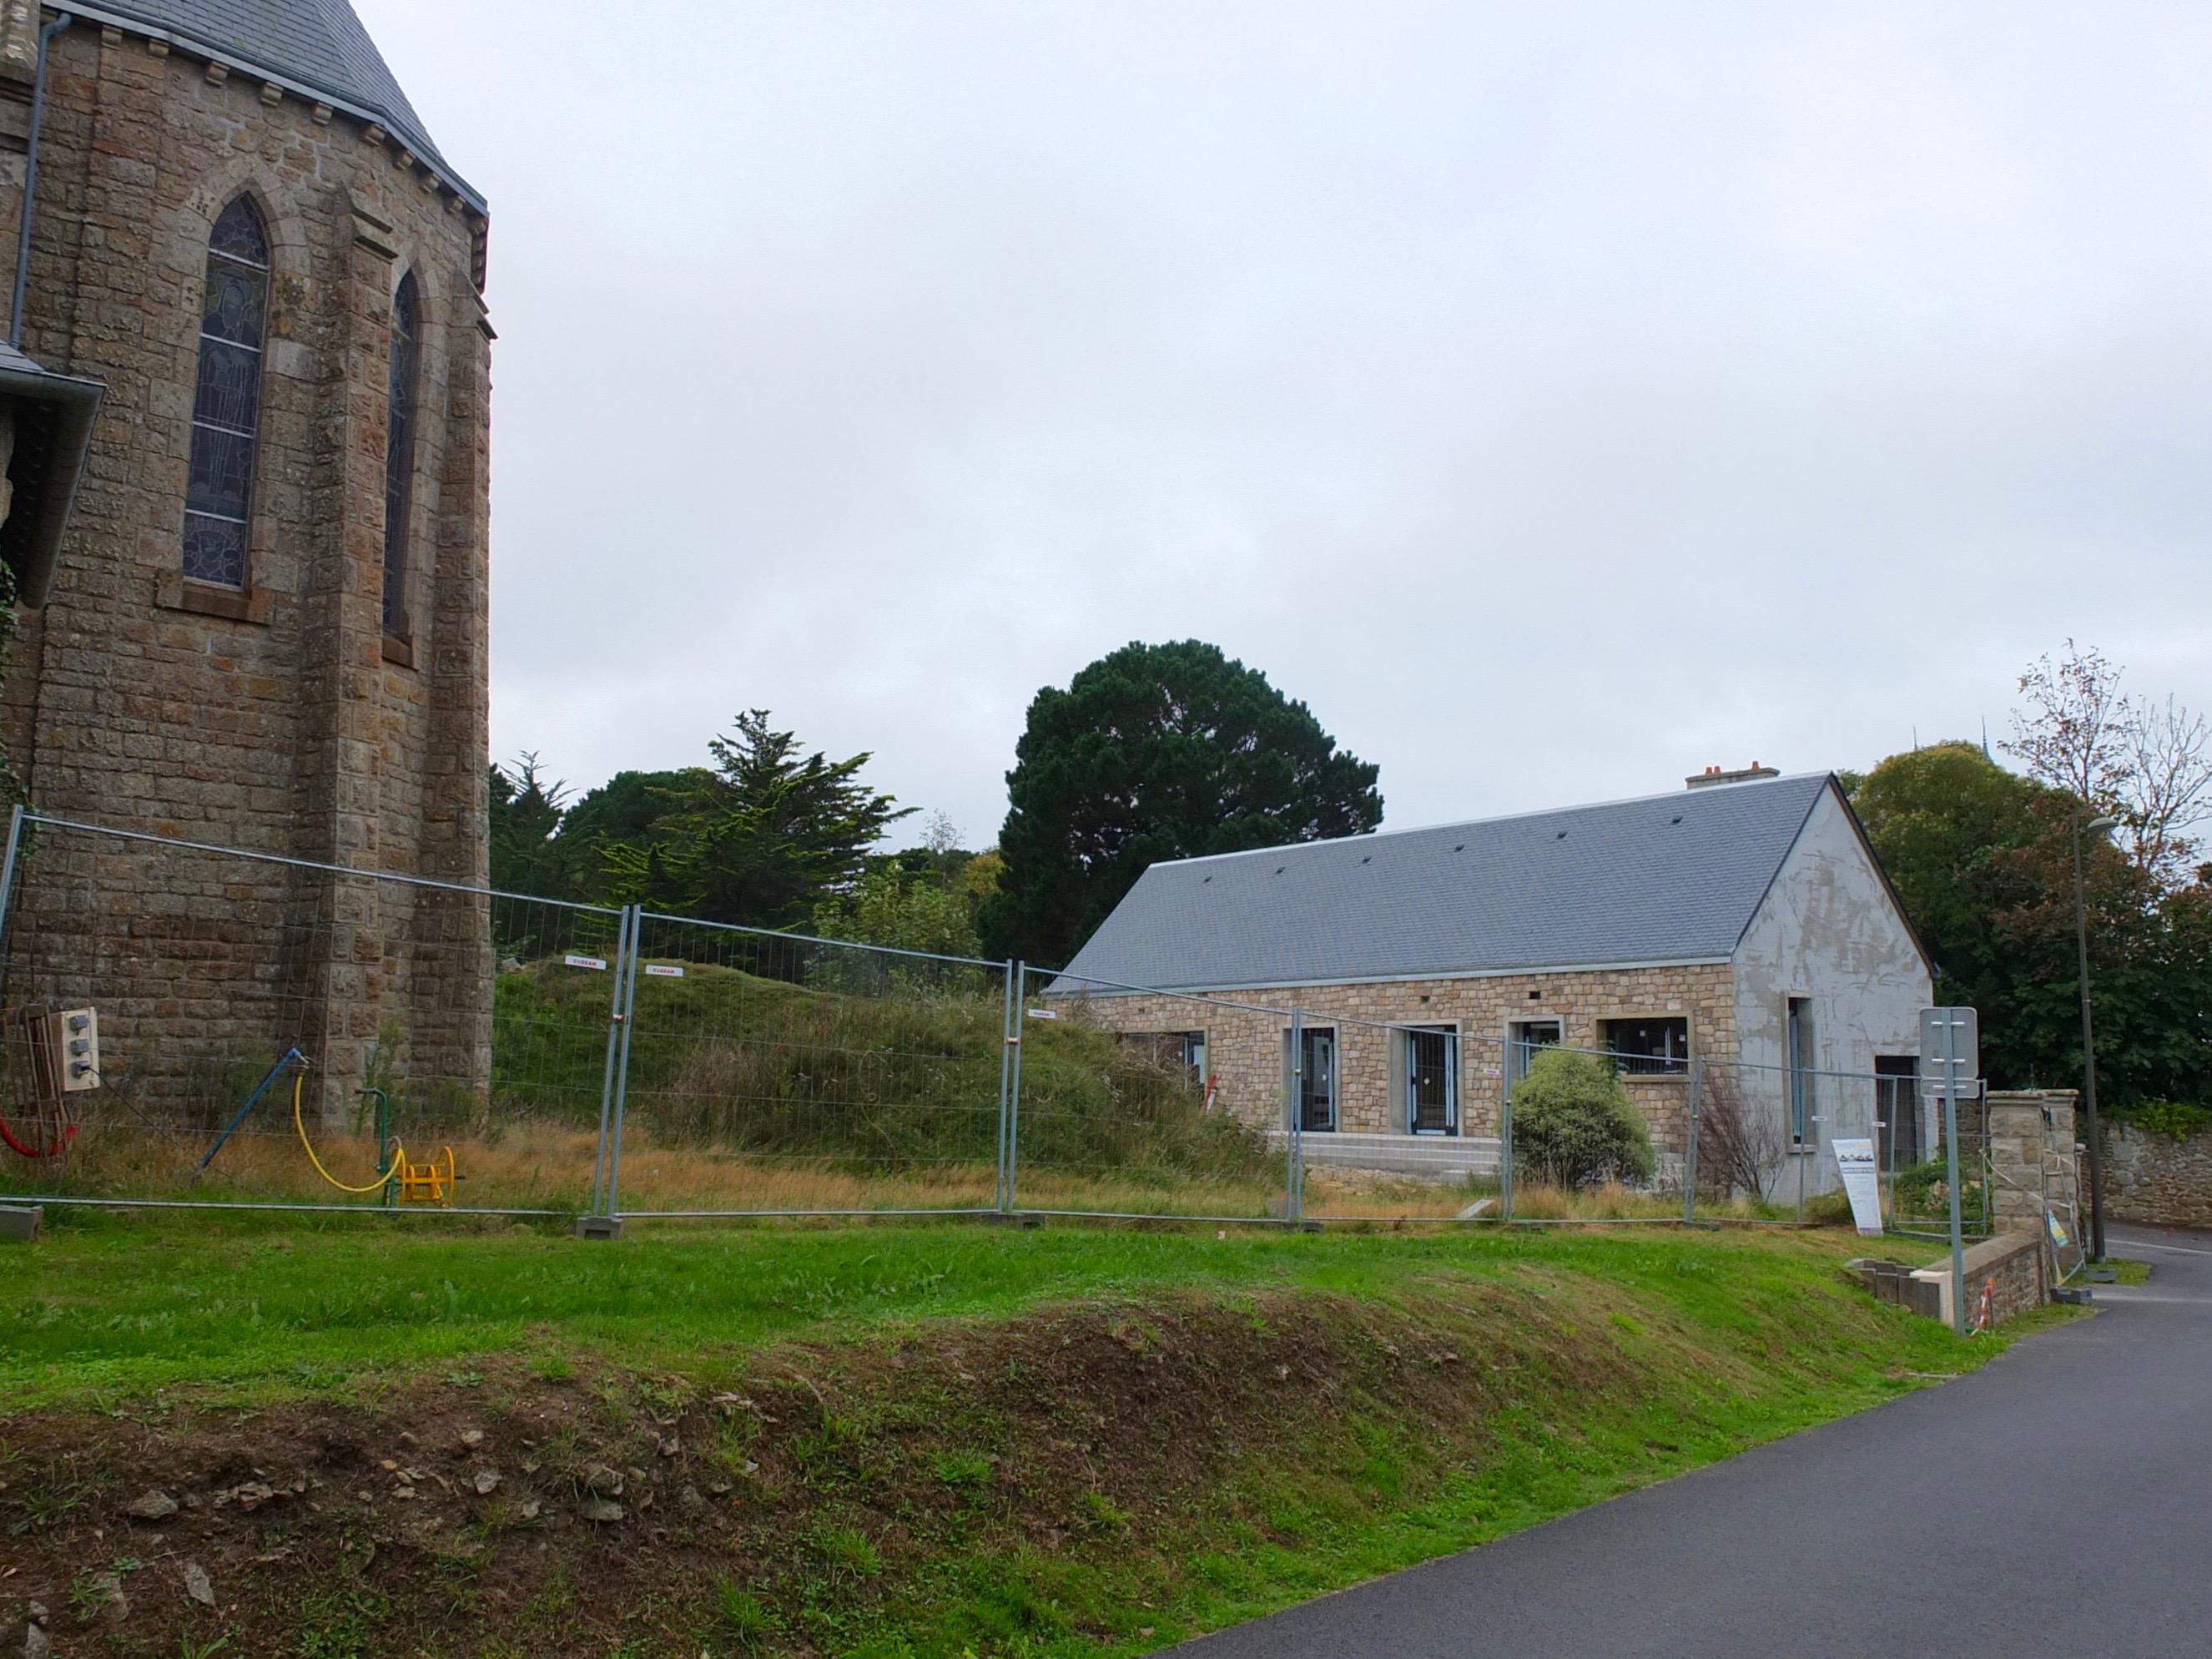 Maison paroissiale, Saint-Jacut-de-la-Mer